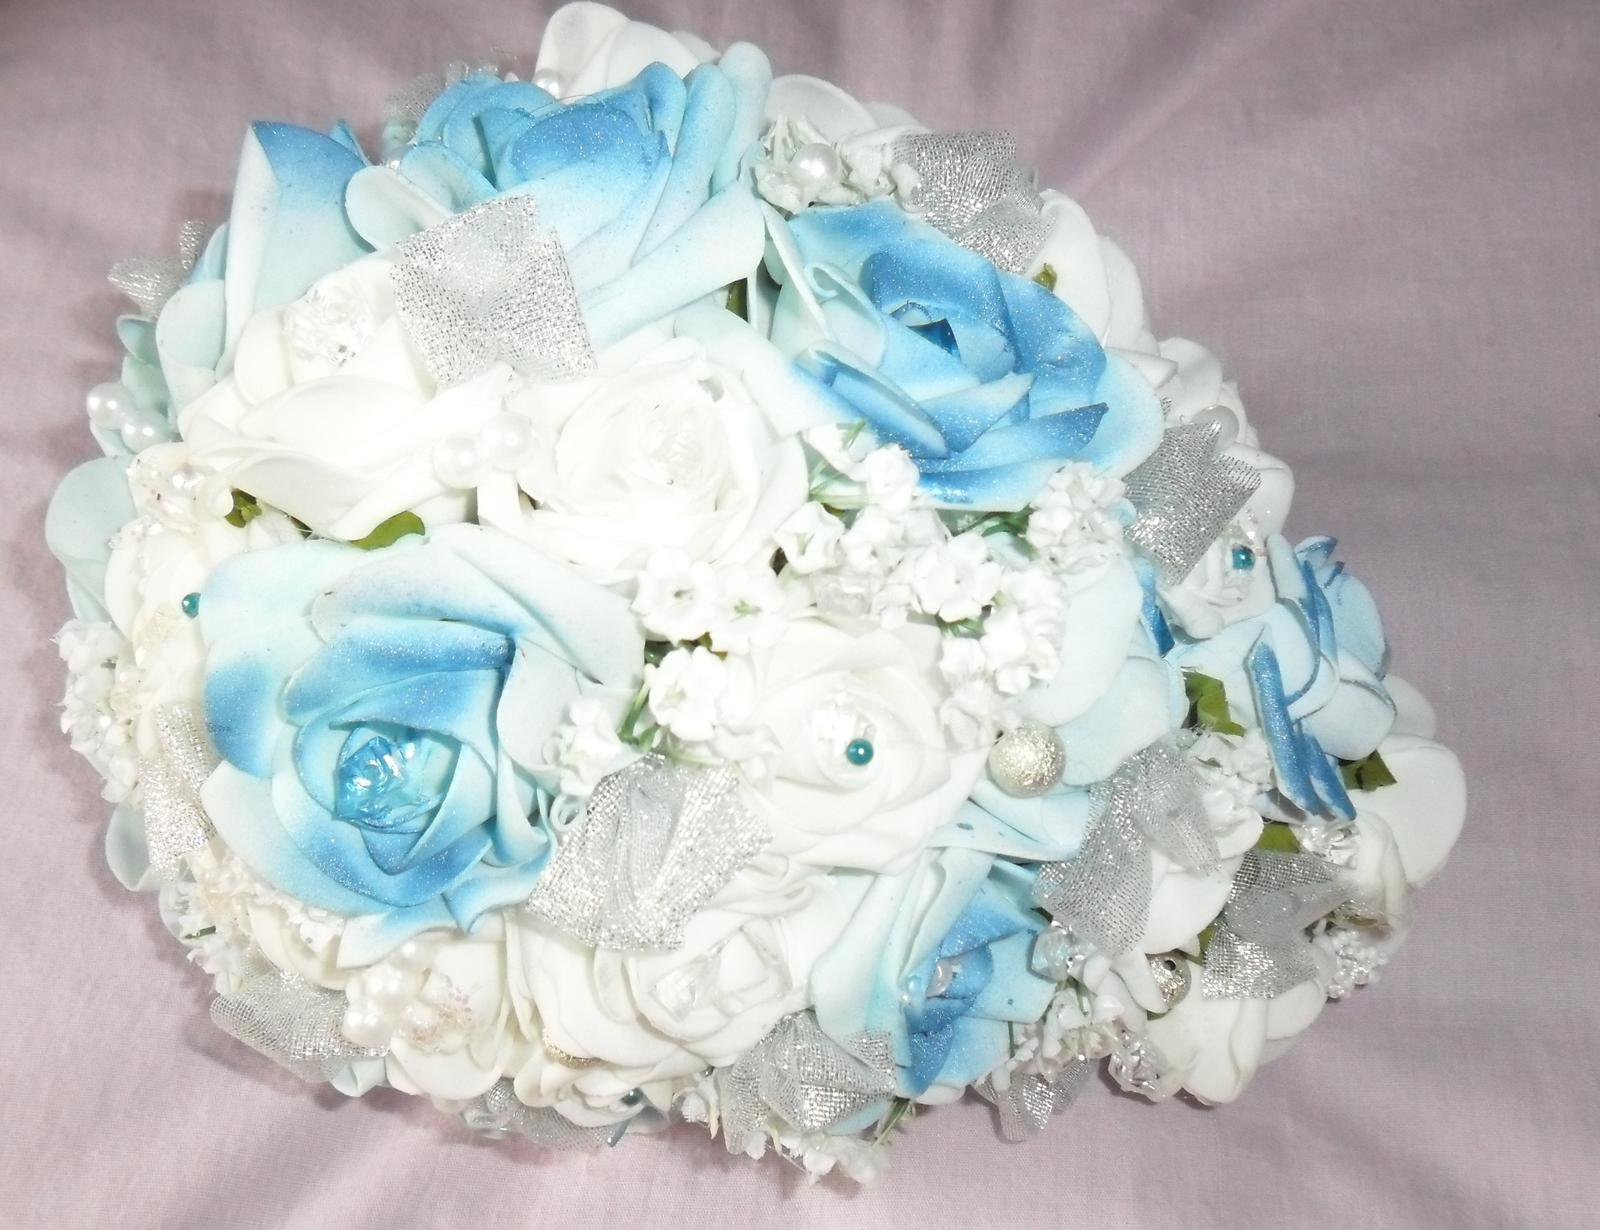 Netradiční svatební kytice - pěnové růžičky + polštářky pod prstýnky, košíčky - Obrázek č. 55